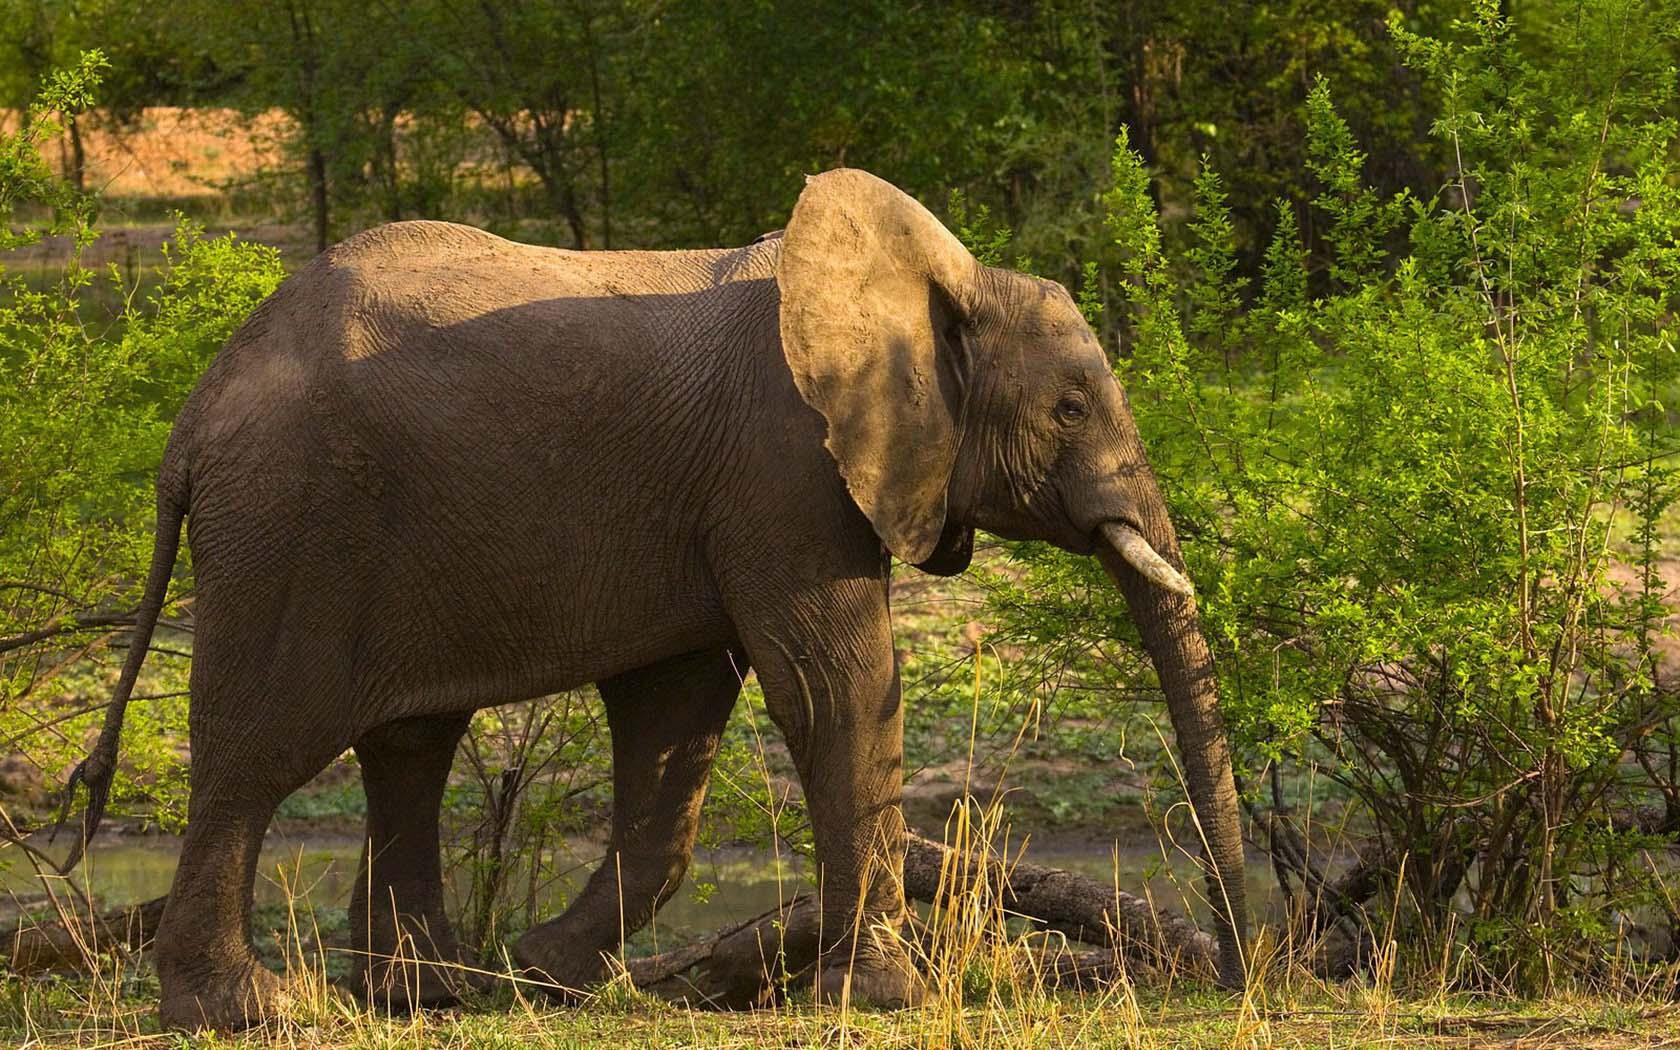 ... Слоны - ЖИВОТНЫЕ - КАРТИНКИ ФОТО: fon1.ru/load/67-1-0-4067